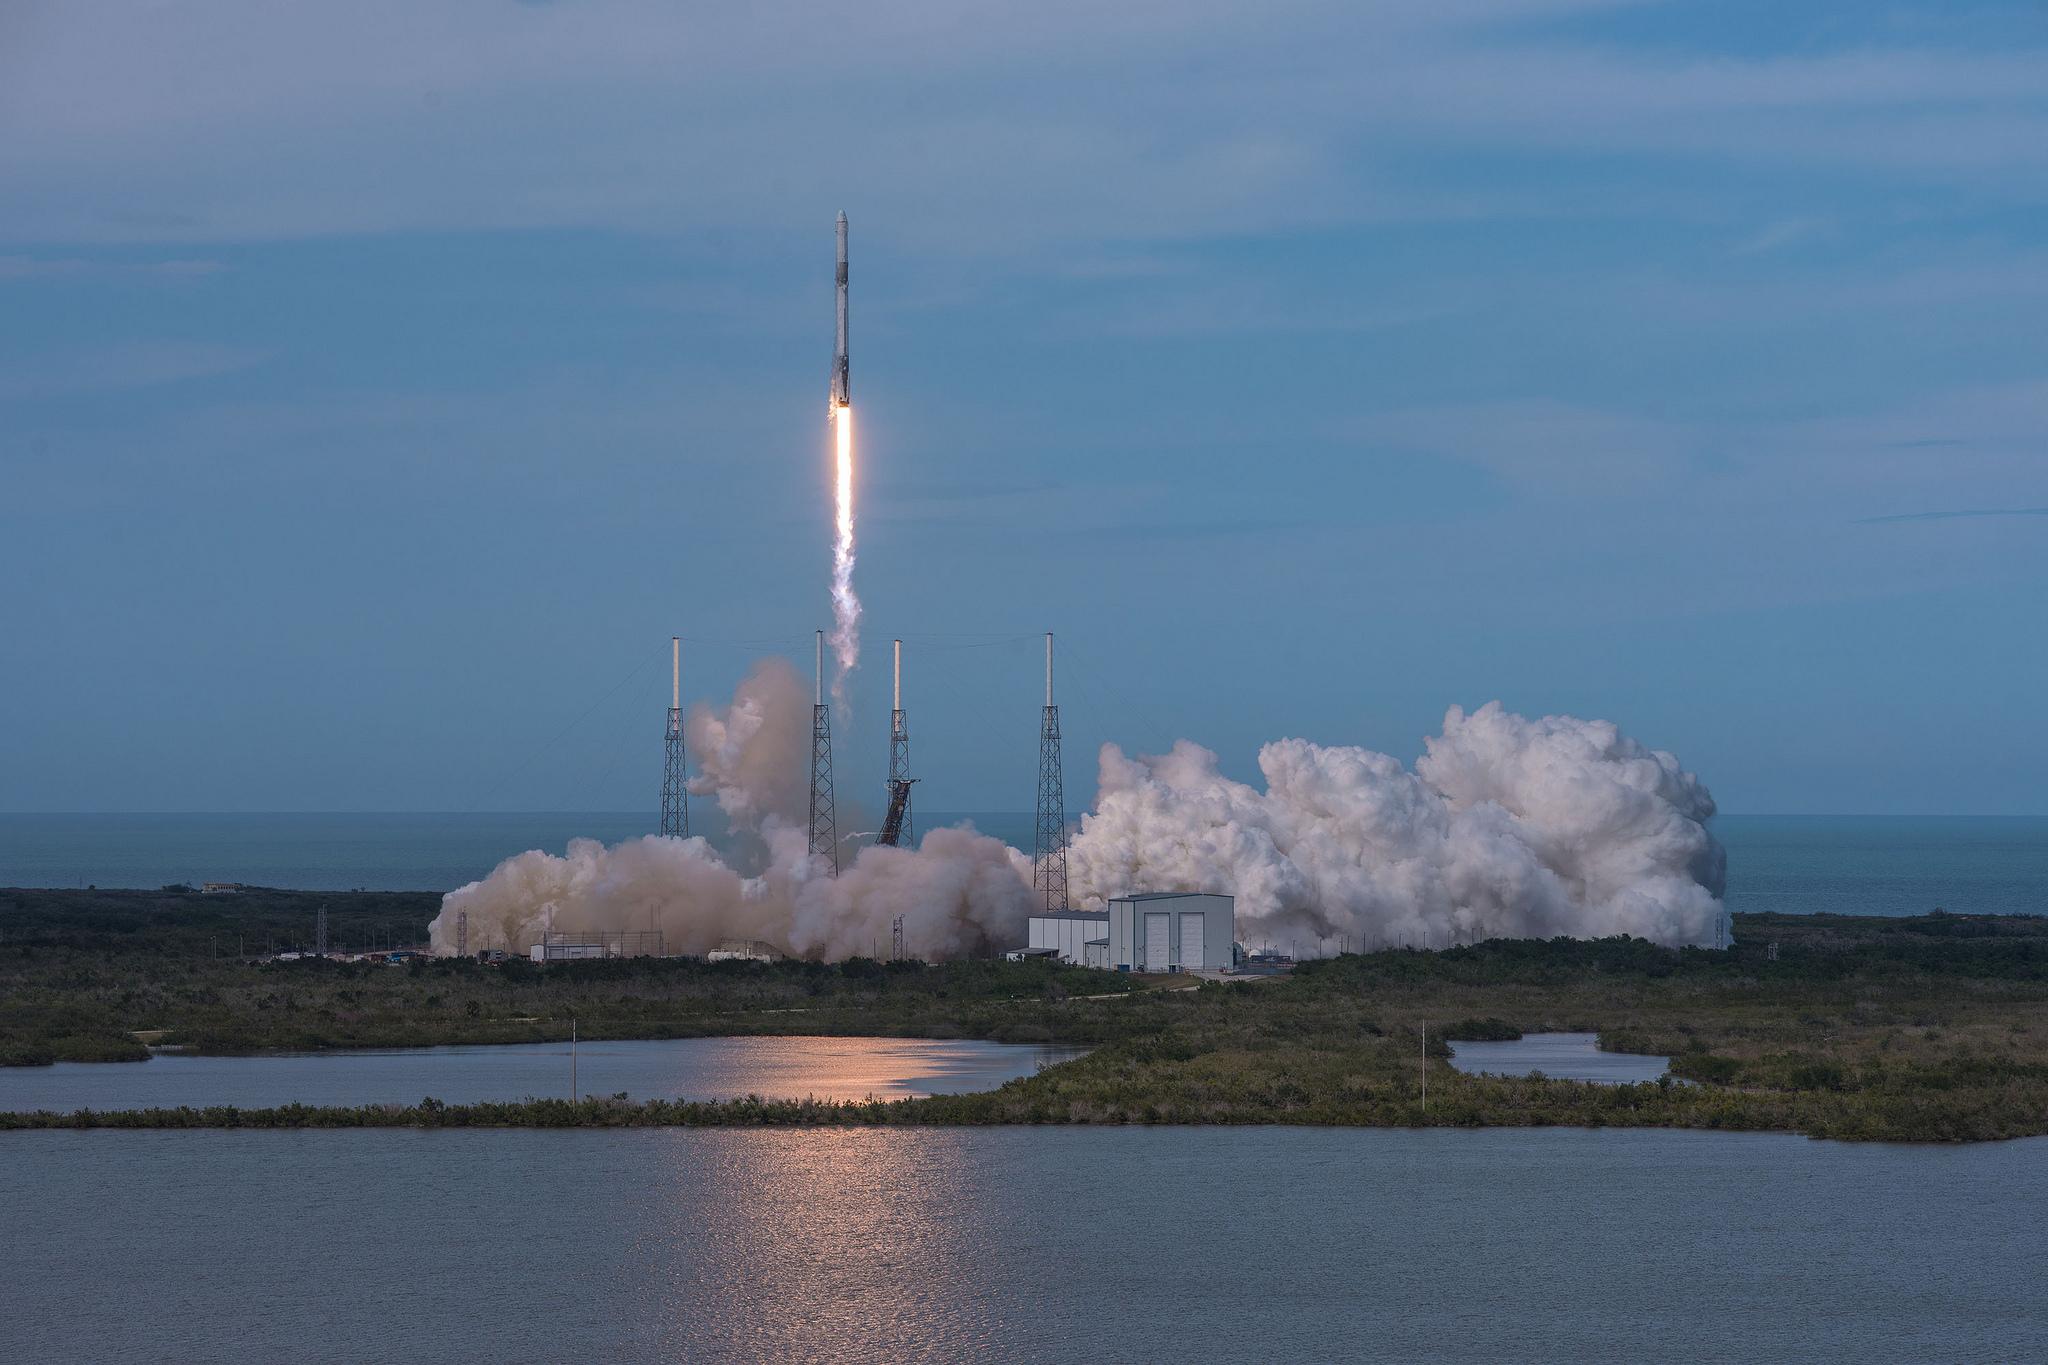 Тази нощ SpaceX успешно изстреля космическия товарен кораб Dragon с